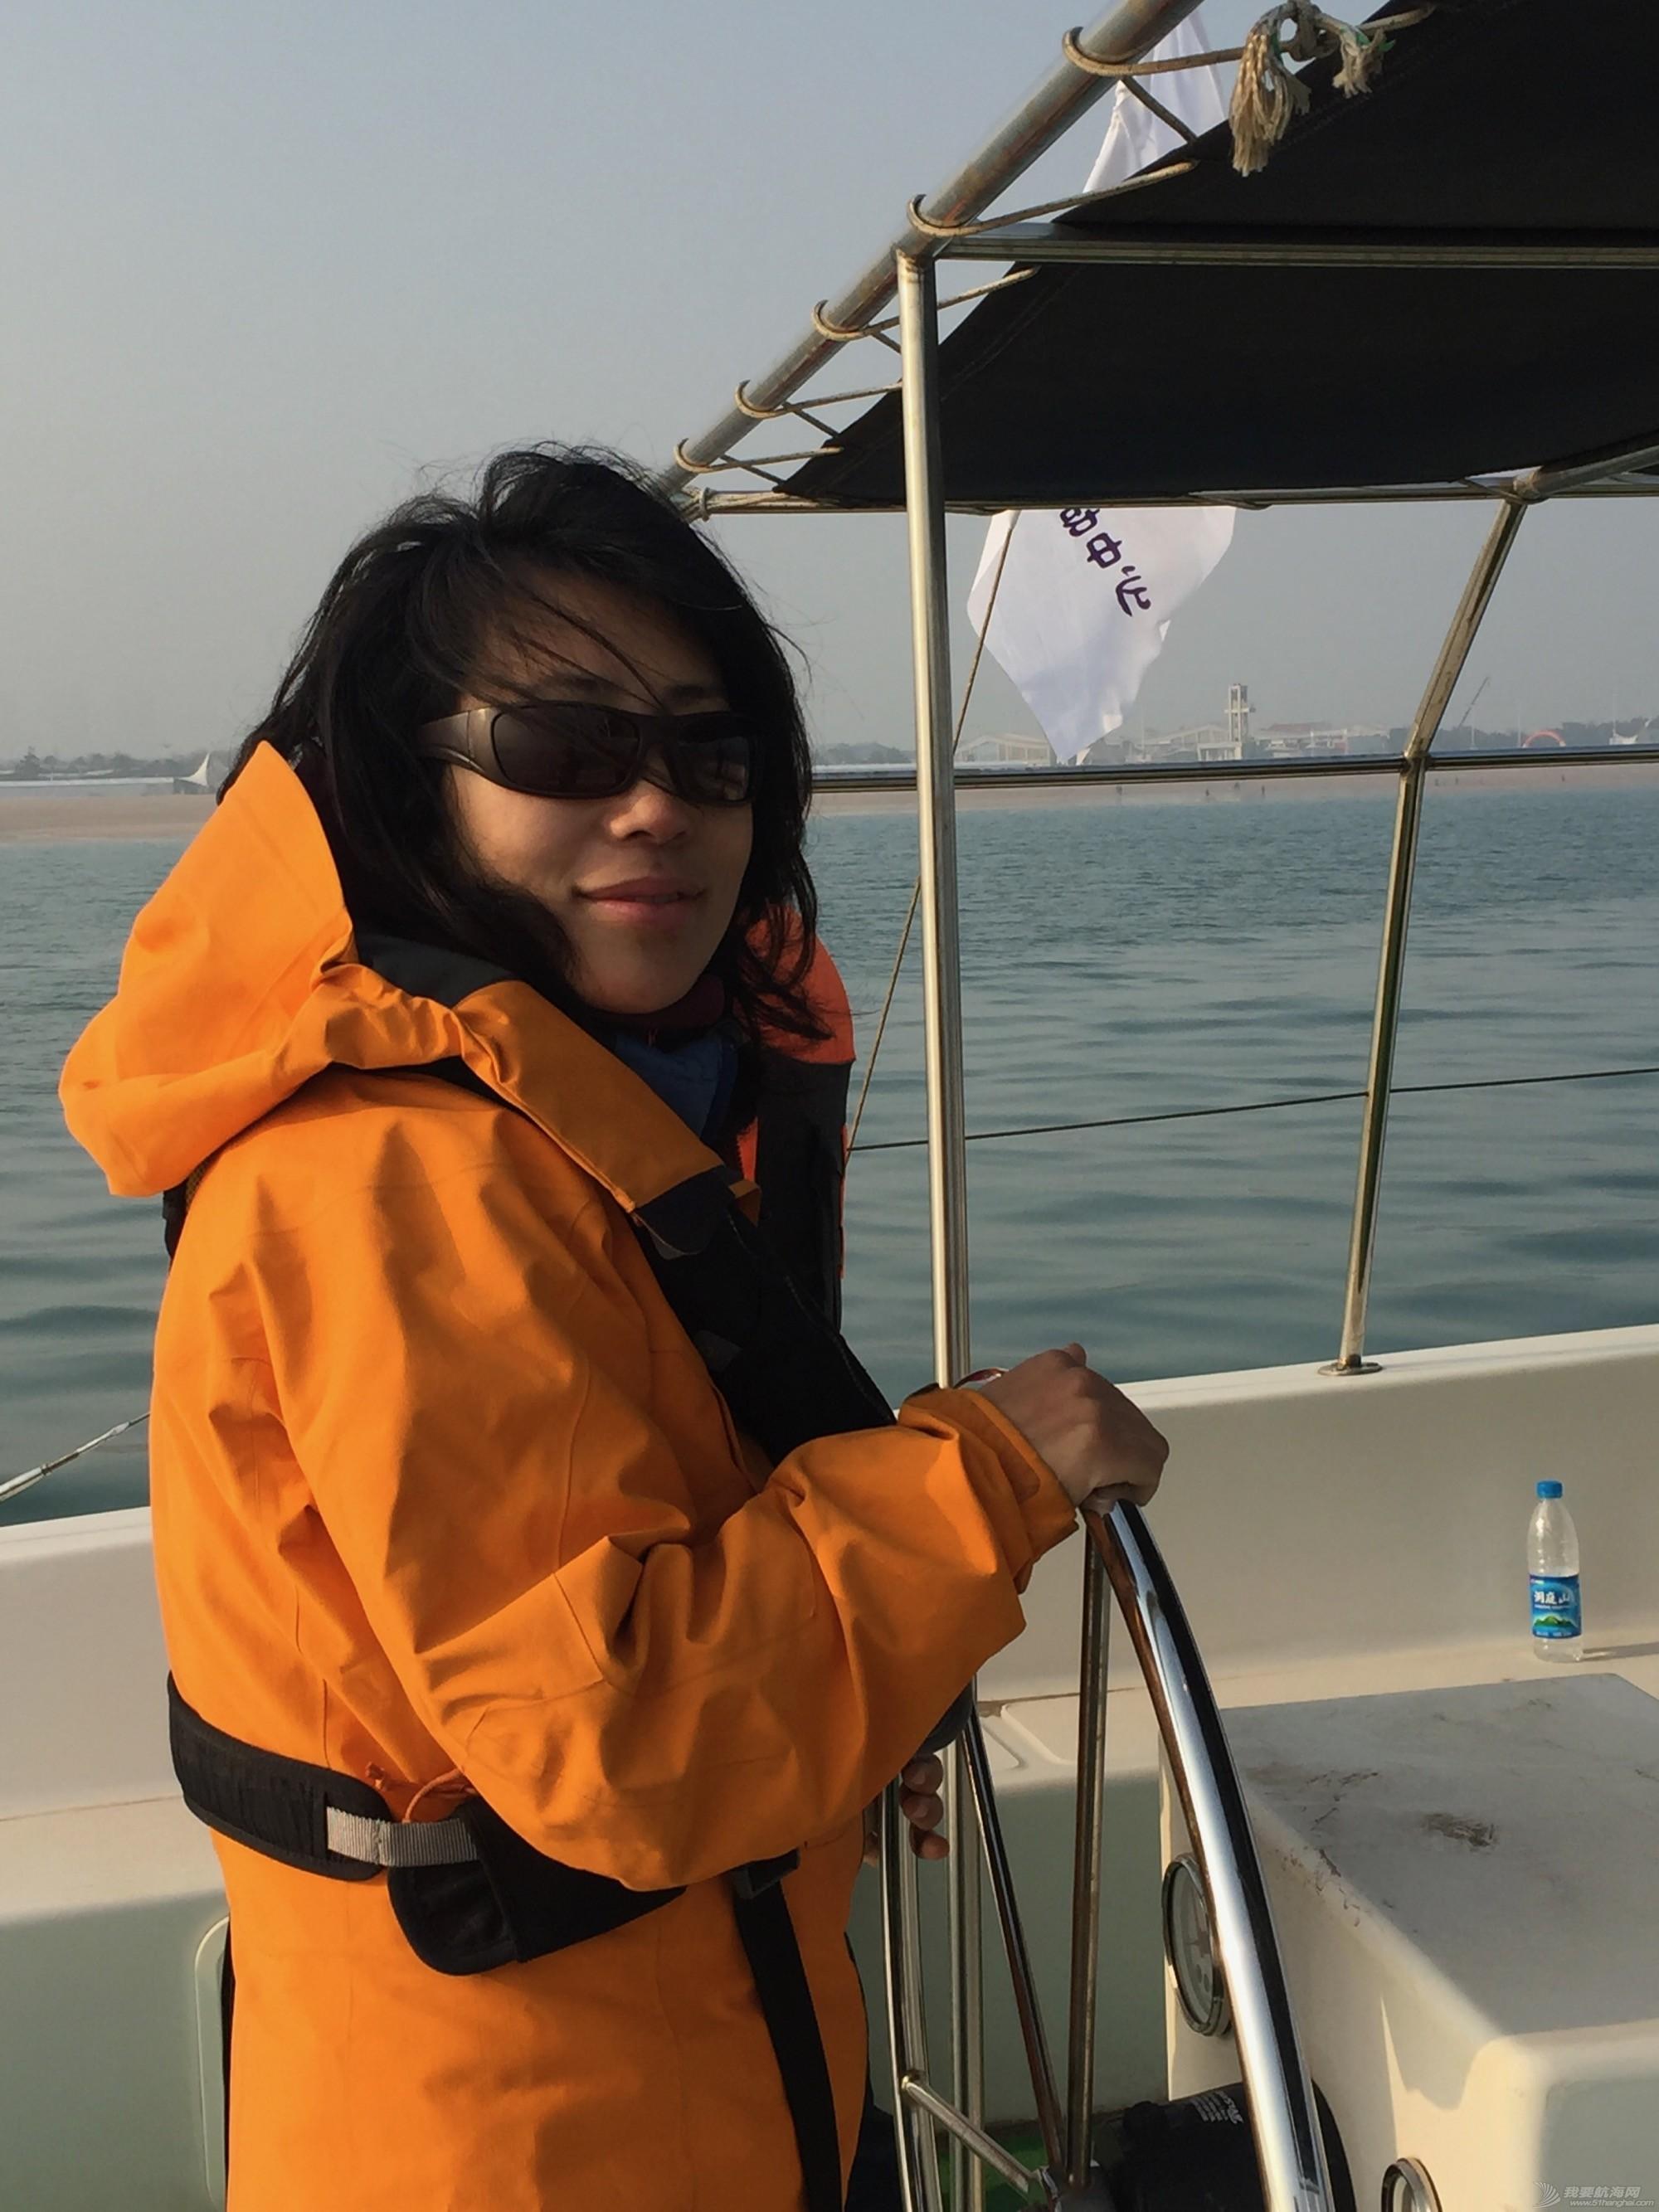 风帆初立展雄姿,黄海波涛炼精魂,致2017日照新年杯帆船赛